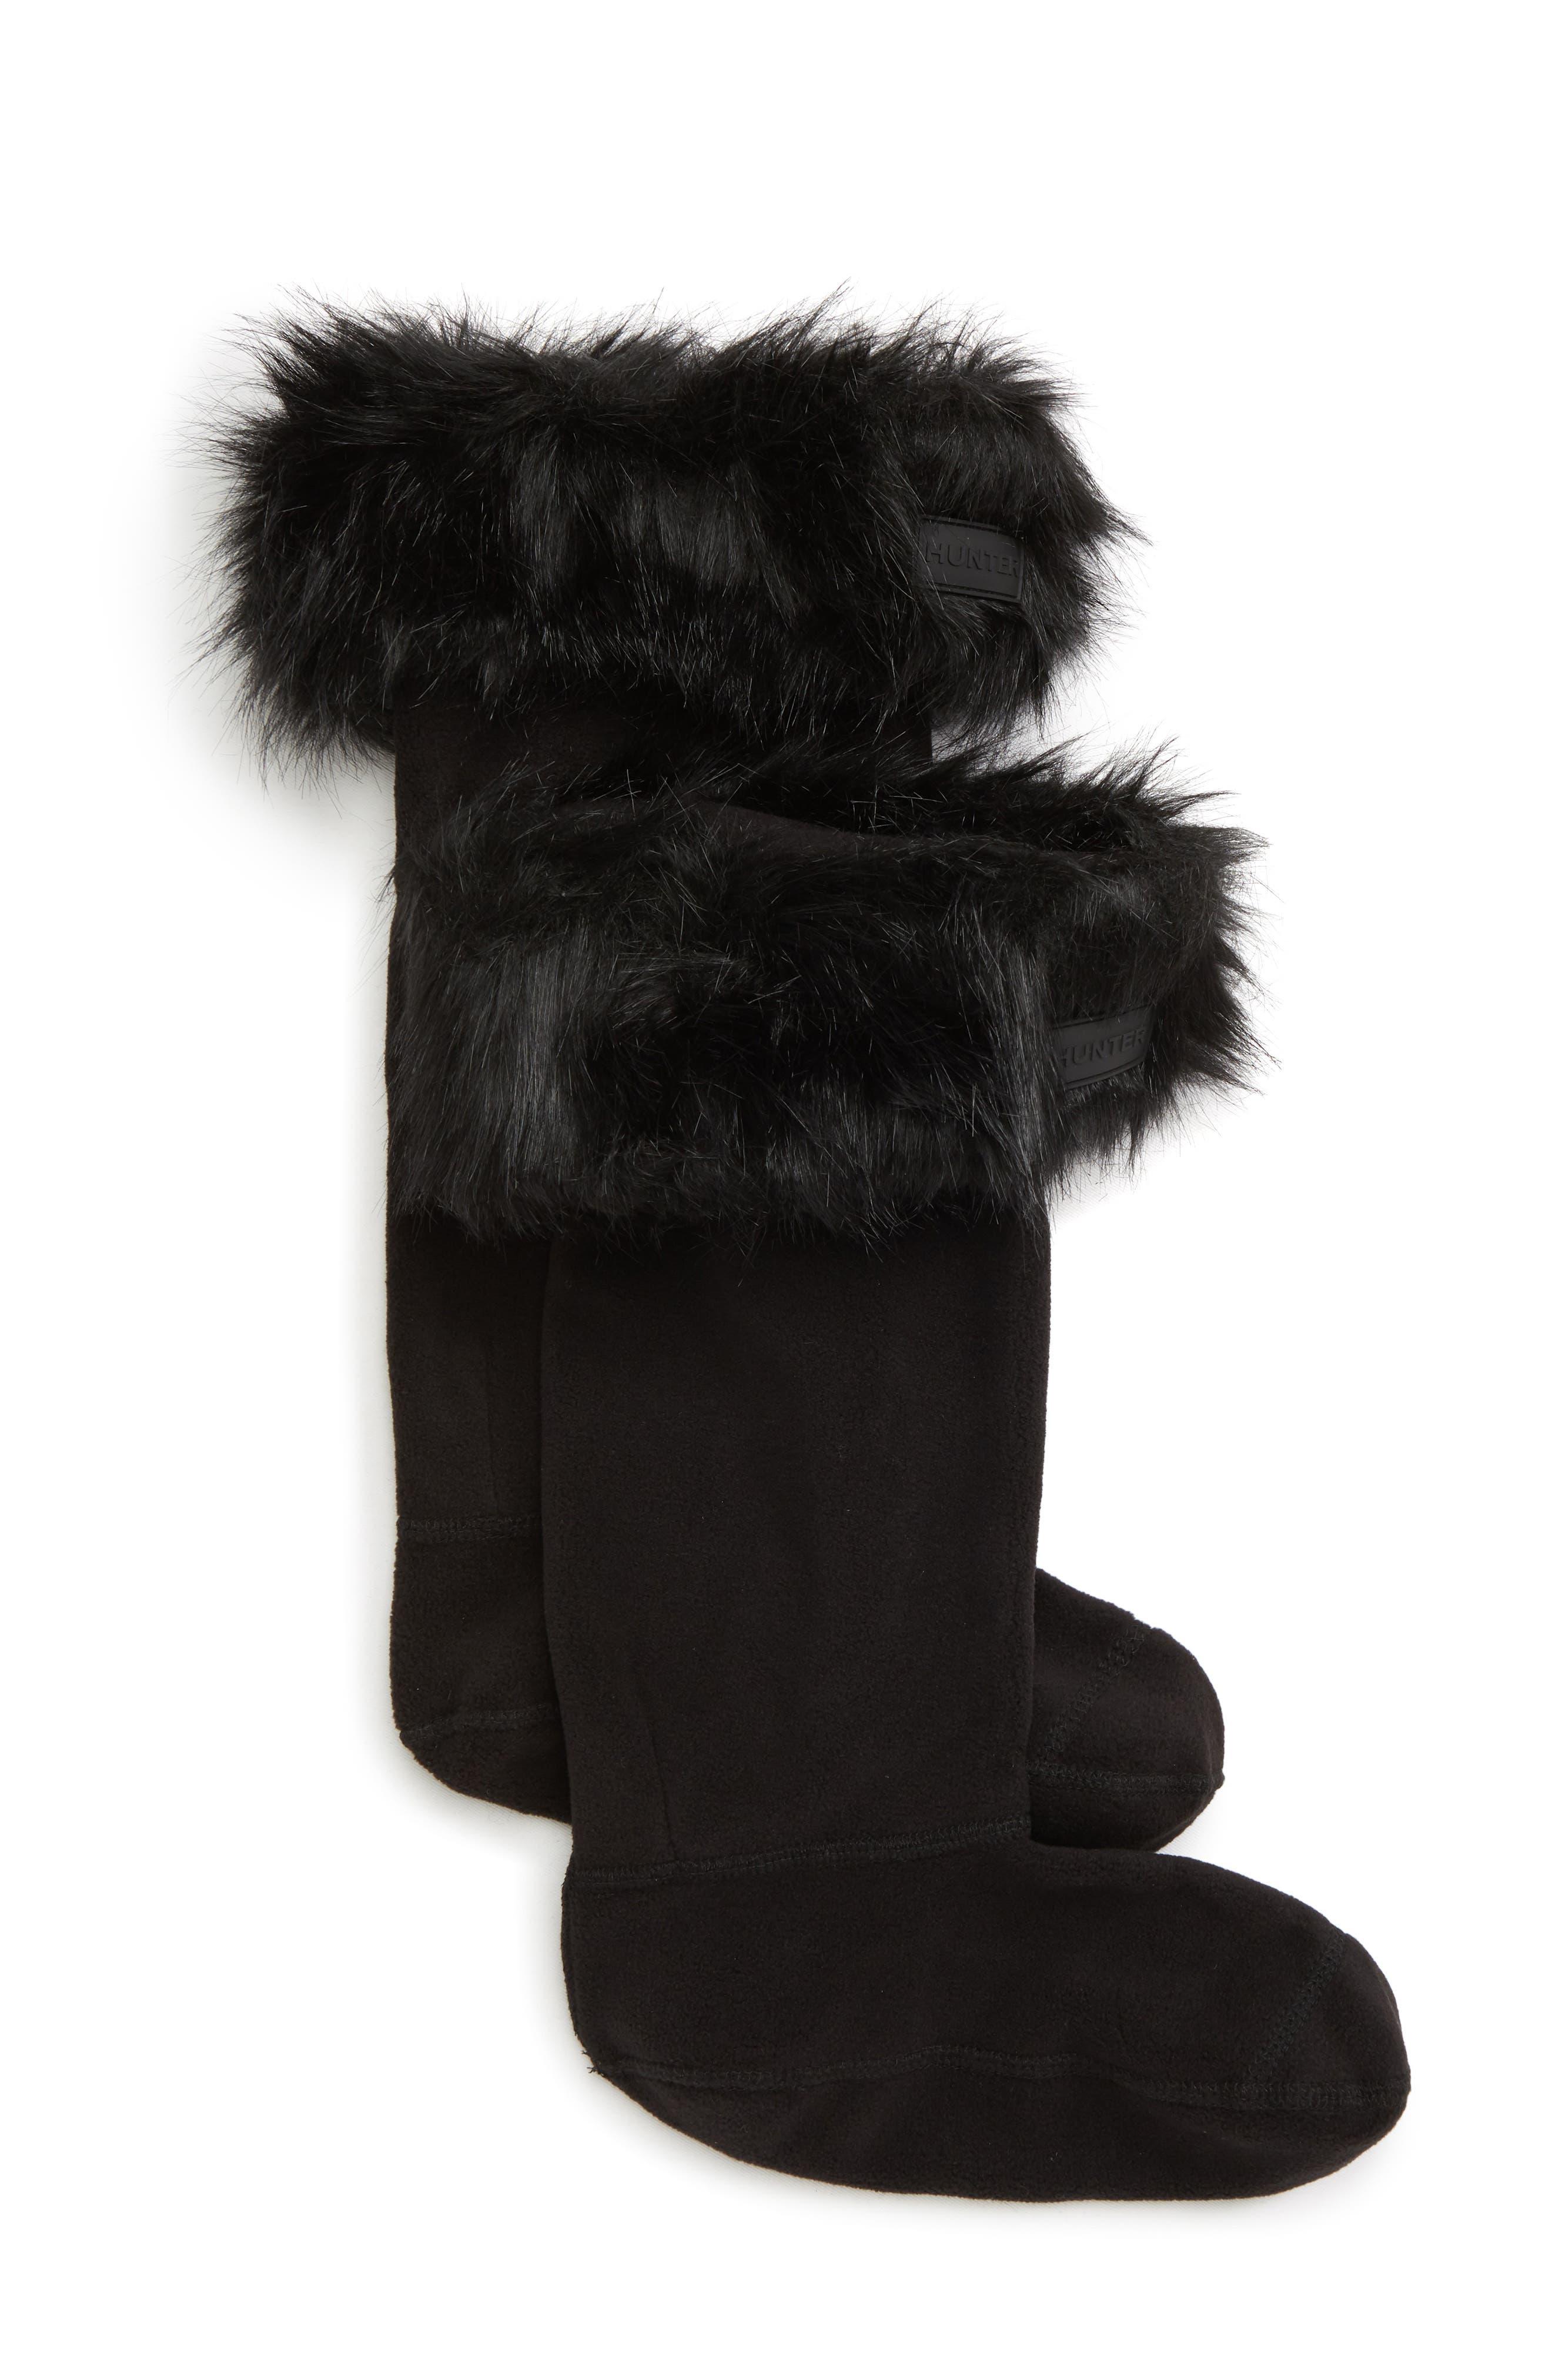 Image of Hunter Faux Fur Cuff Boot Sock - Tall